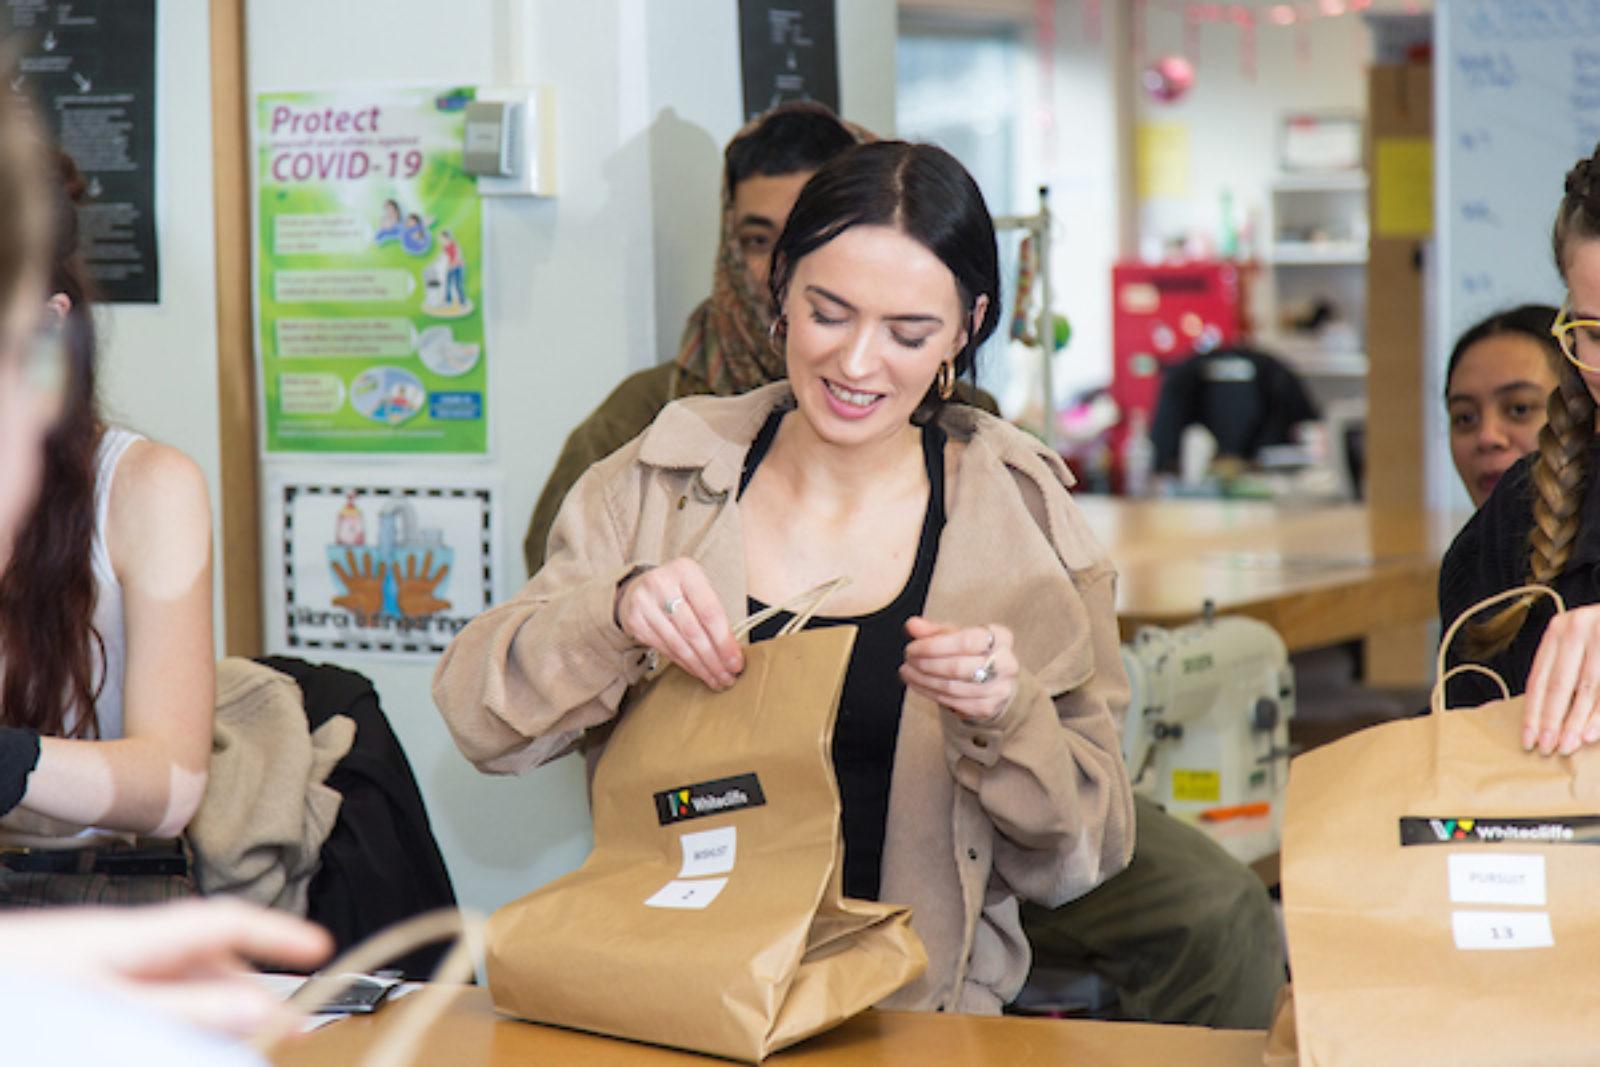 Resene Colour of Fashion 2020 - Wellington Campus